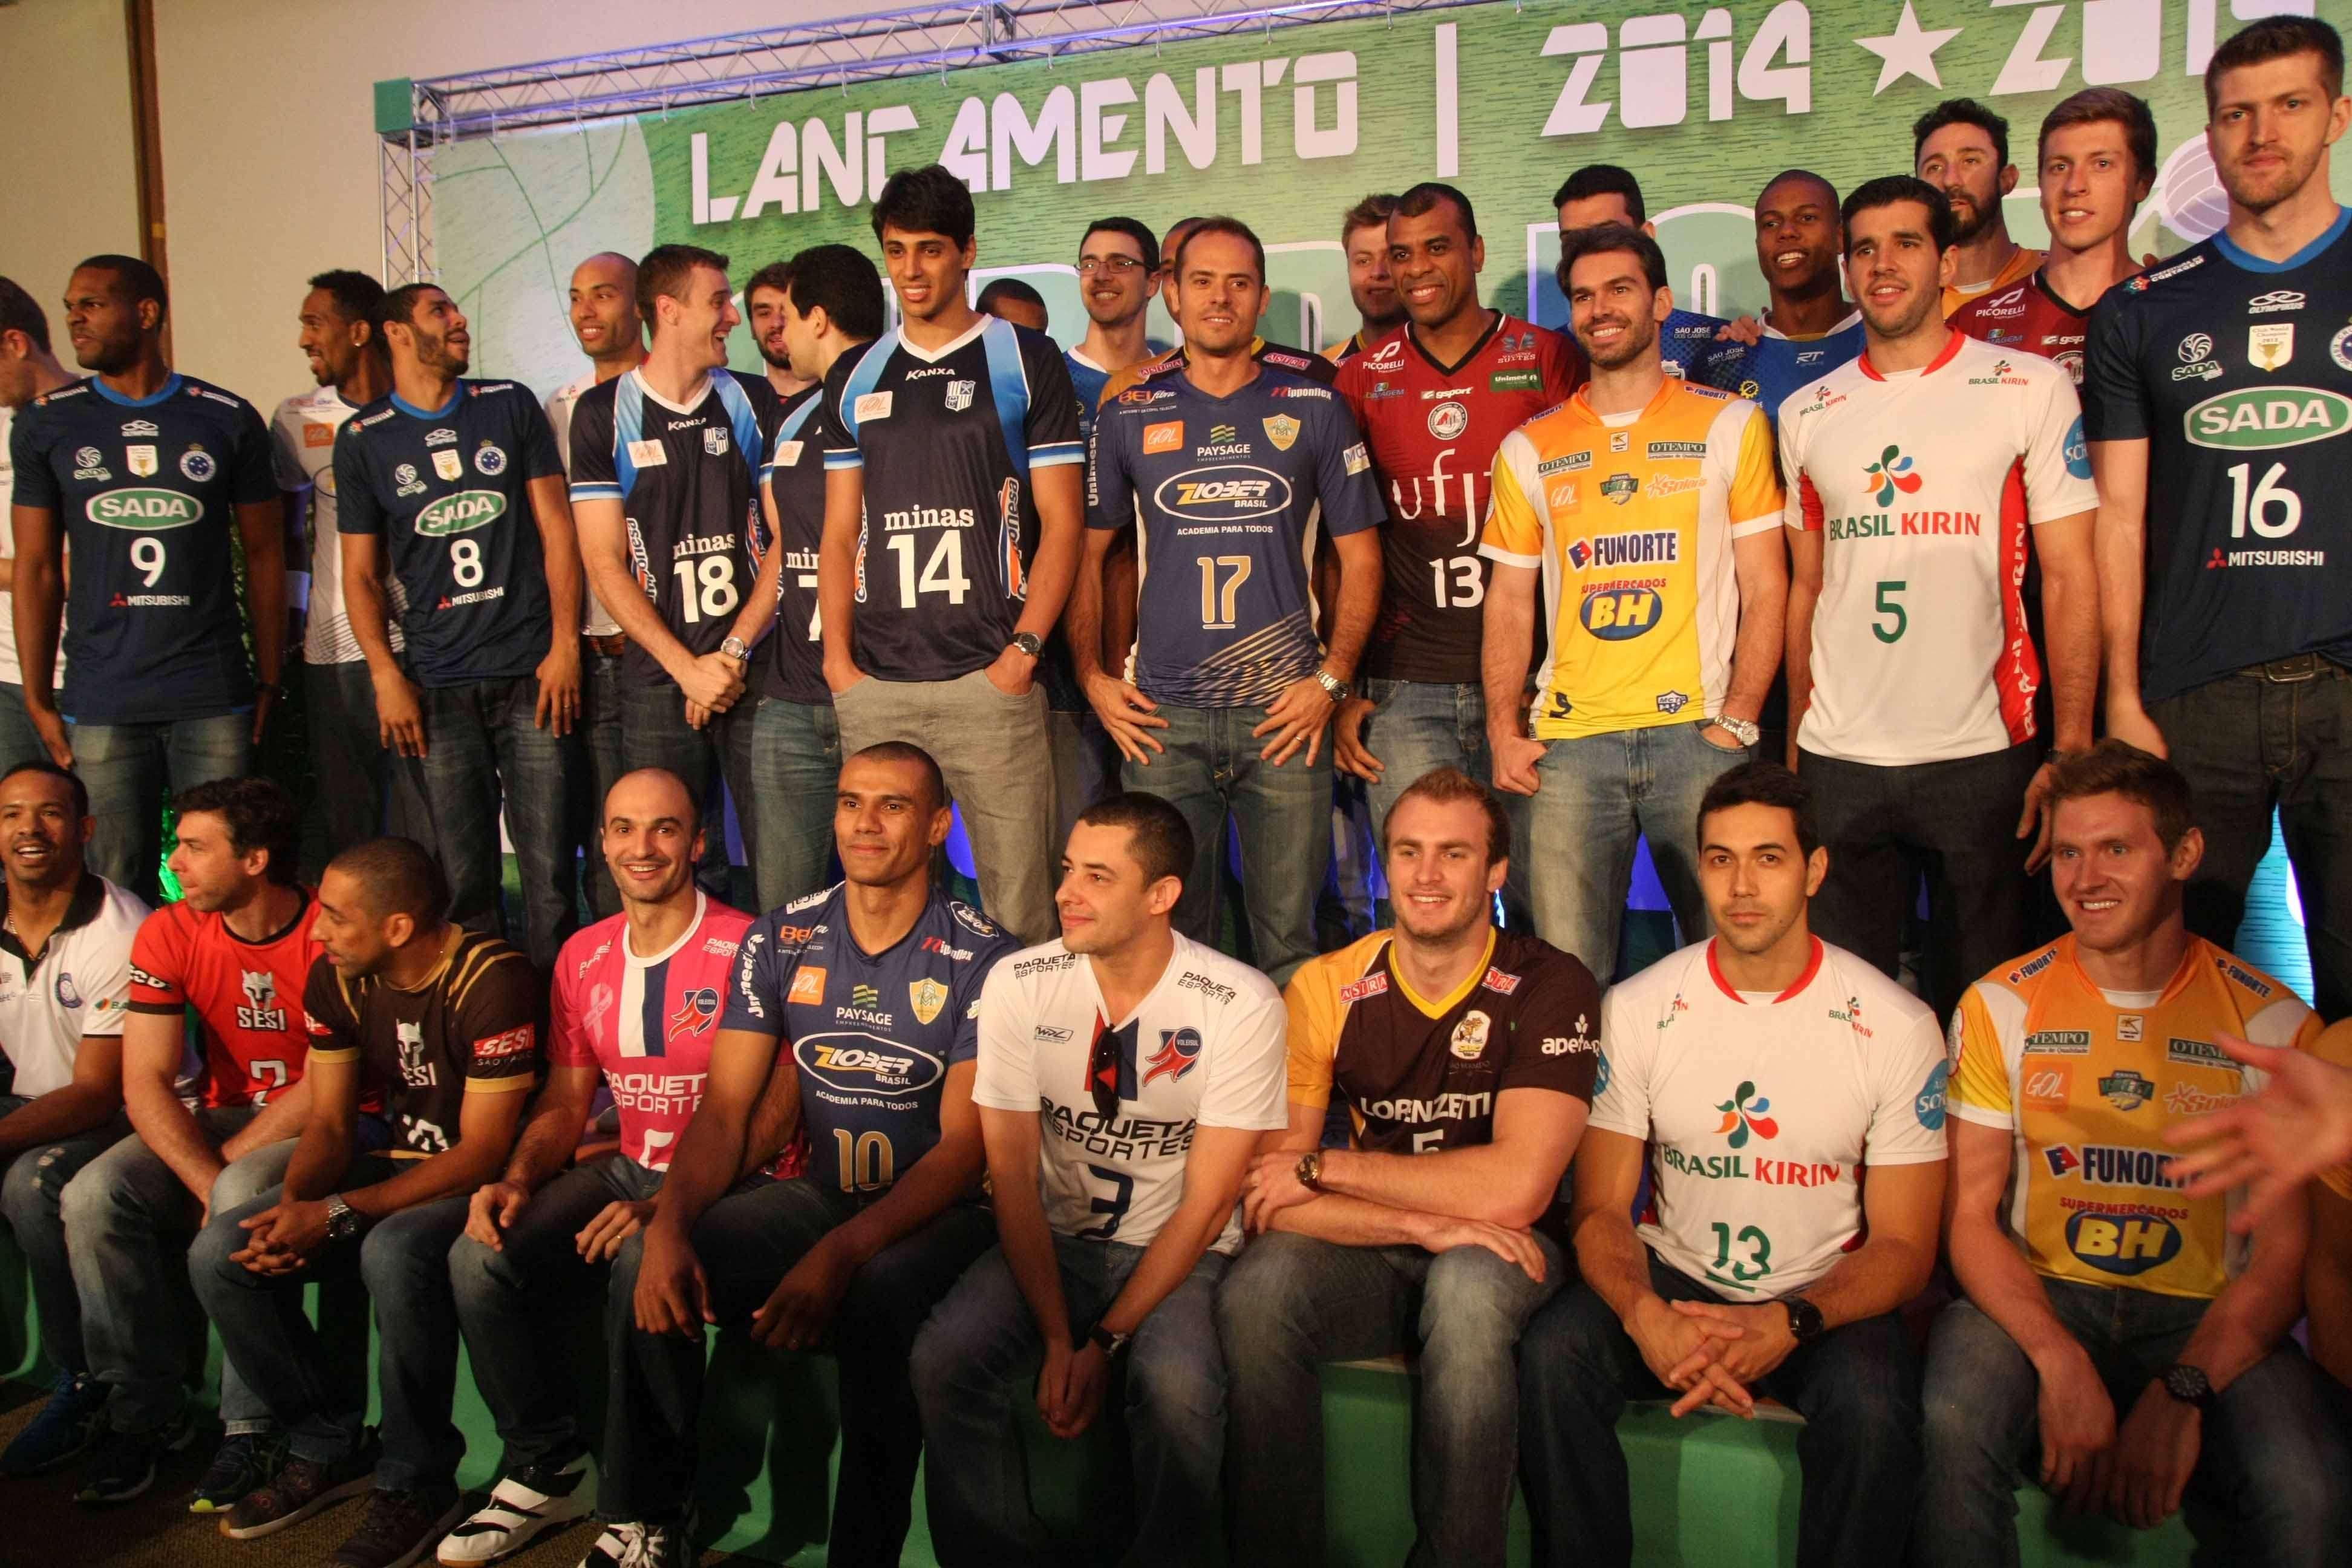 Decisão em jogo único na Superliga Masculina ainda depende de aprovação de equipes para ser concretizada Foto: Alexandre Arruda/CBV/Divulgação